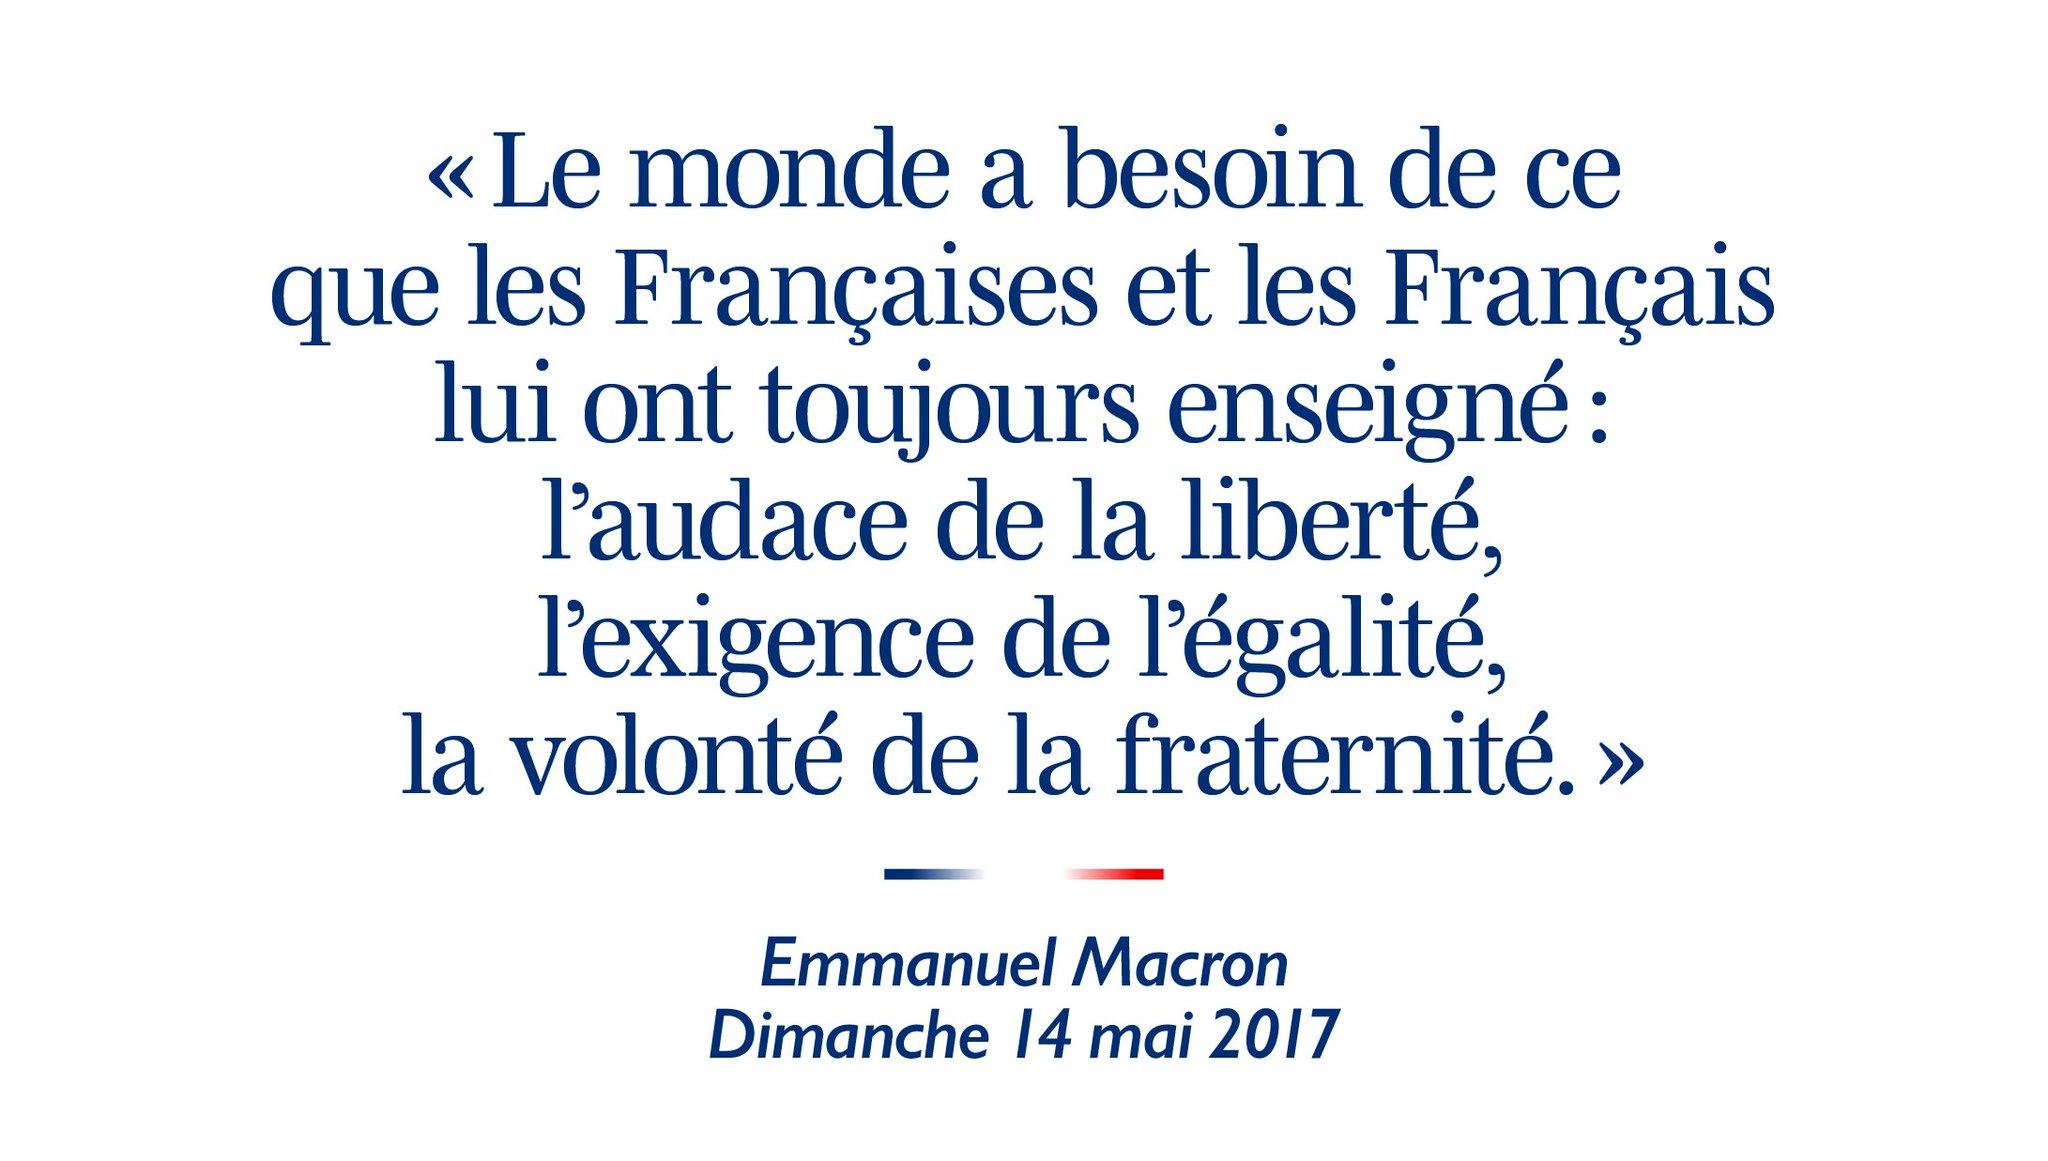 Emmanuel Macron: Liberté, Égalité, Fraternité